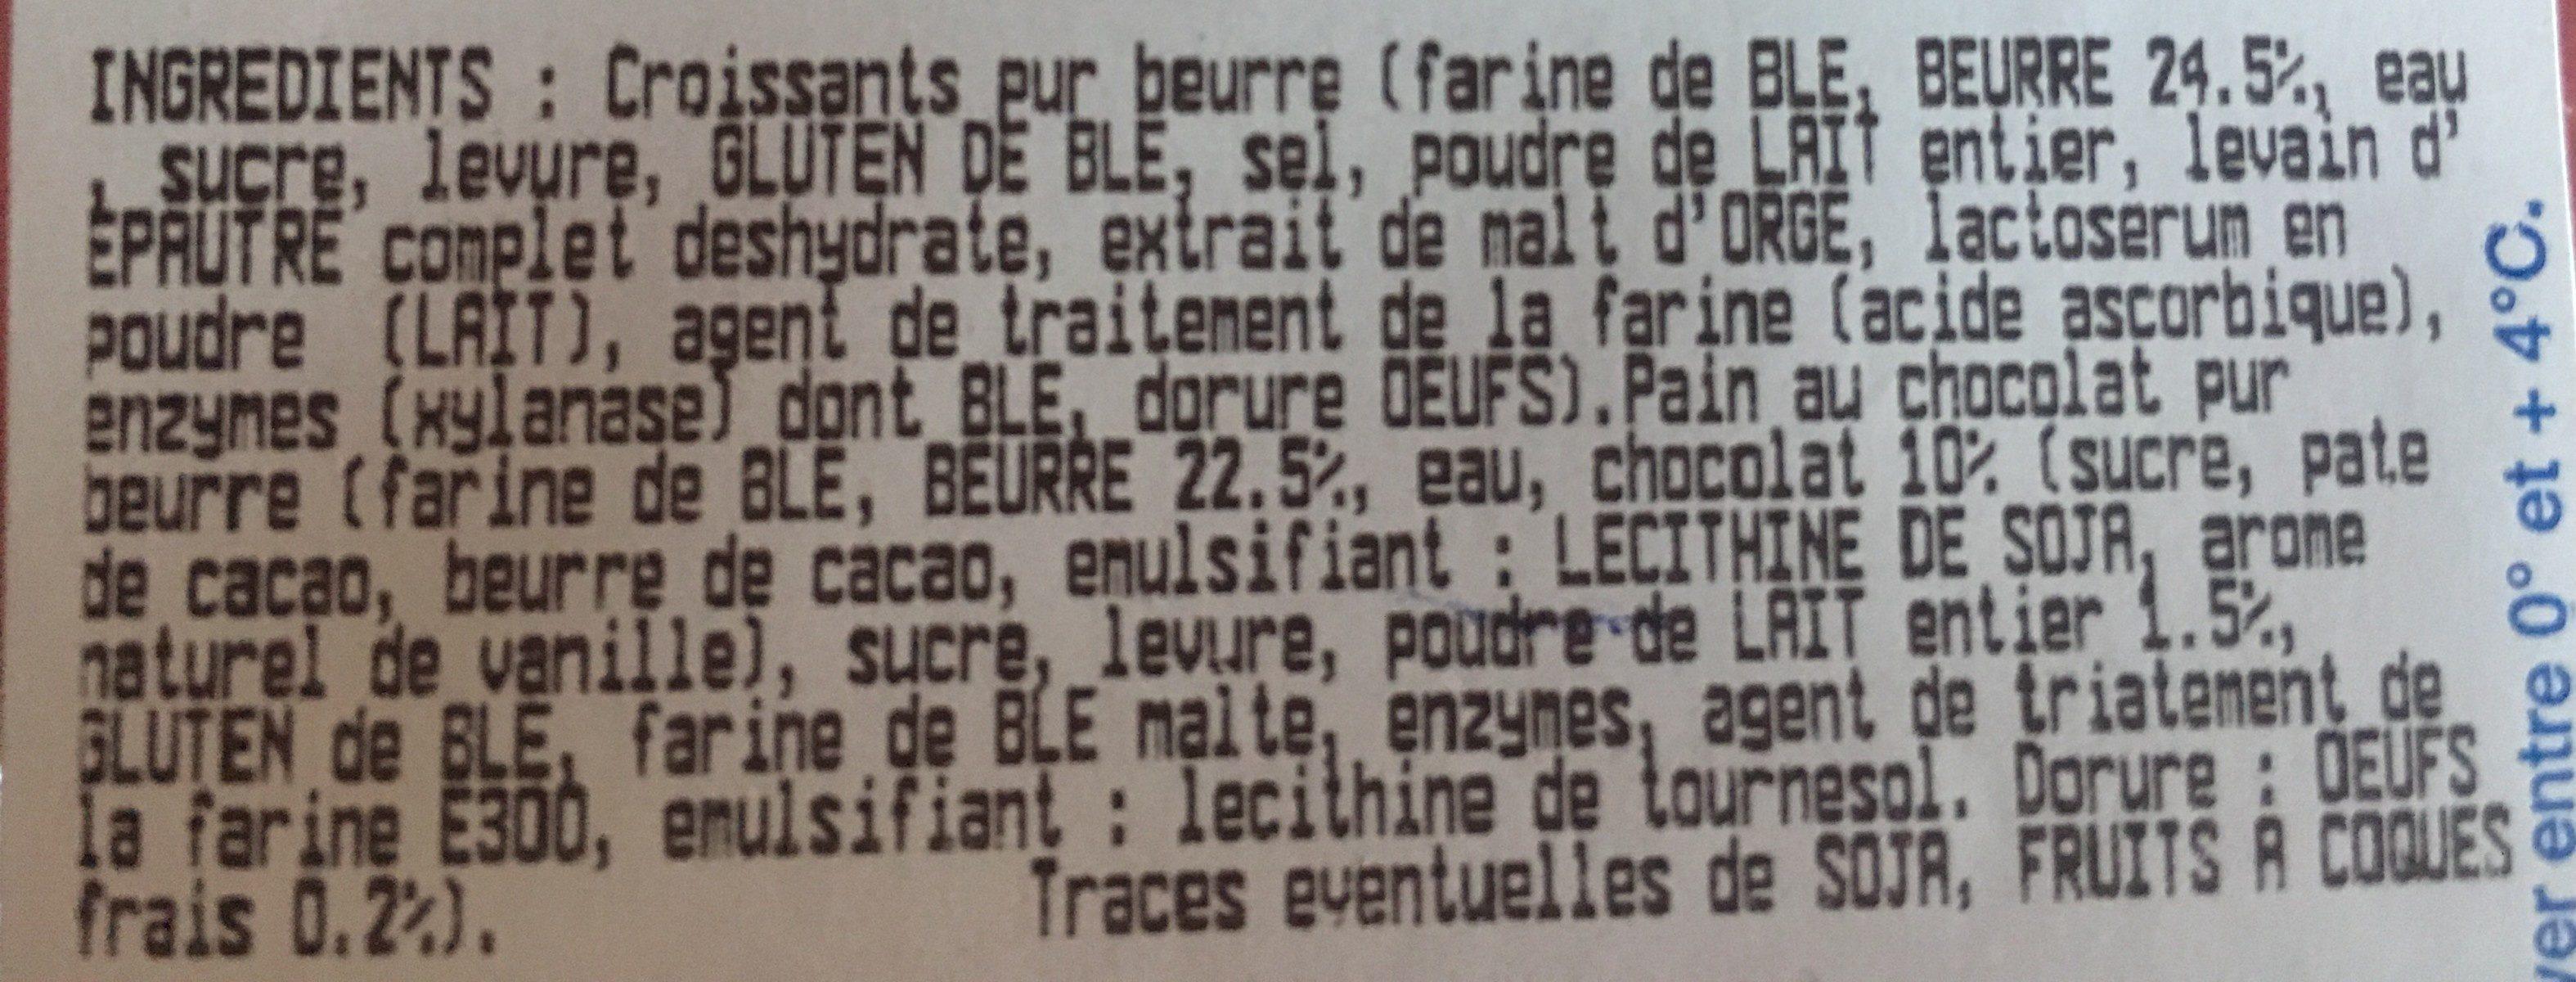 5 croissants + 5 paints chocolats pur beurre - Ingrediënten